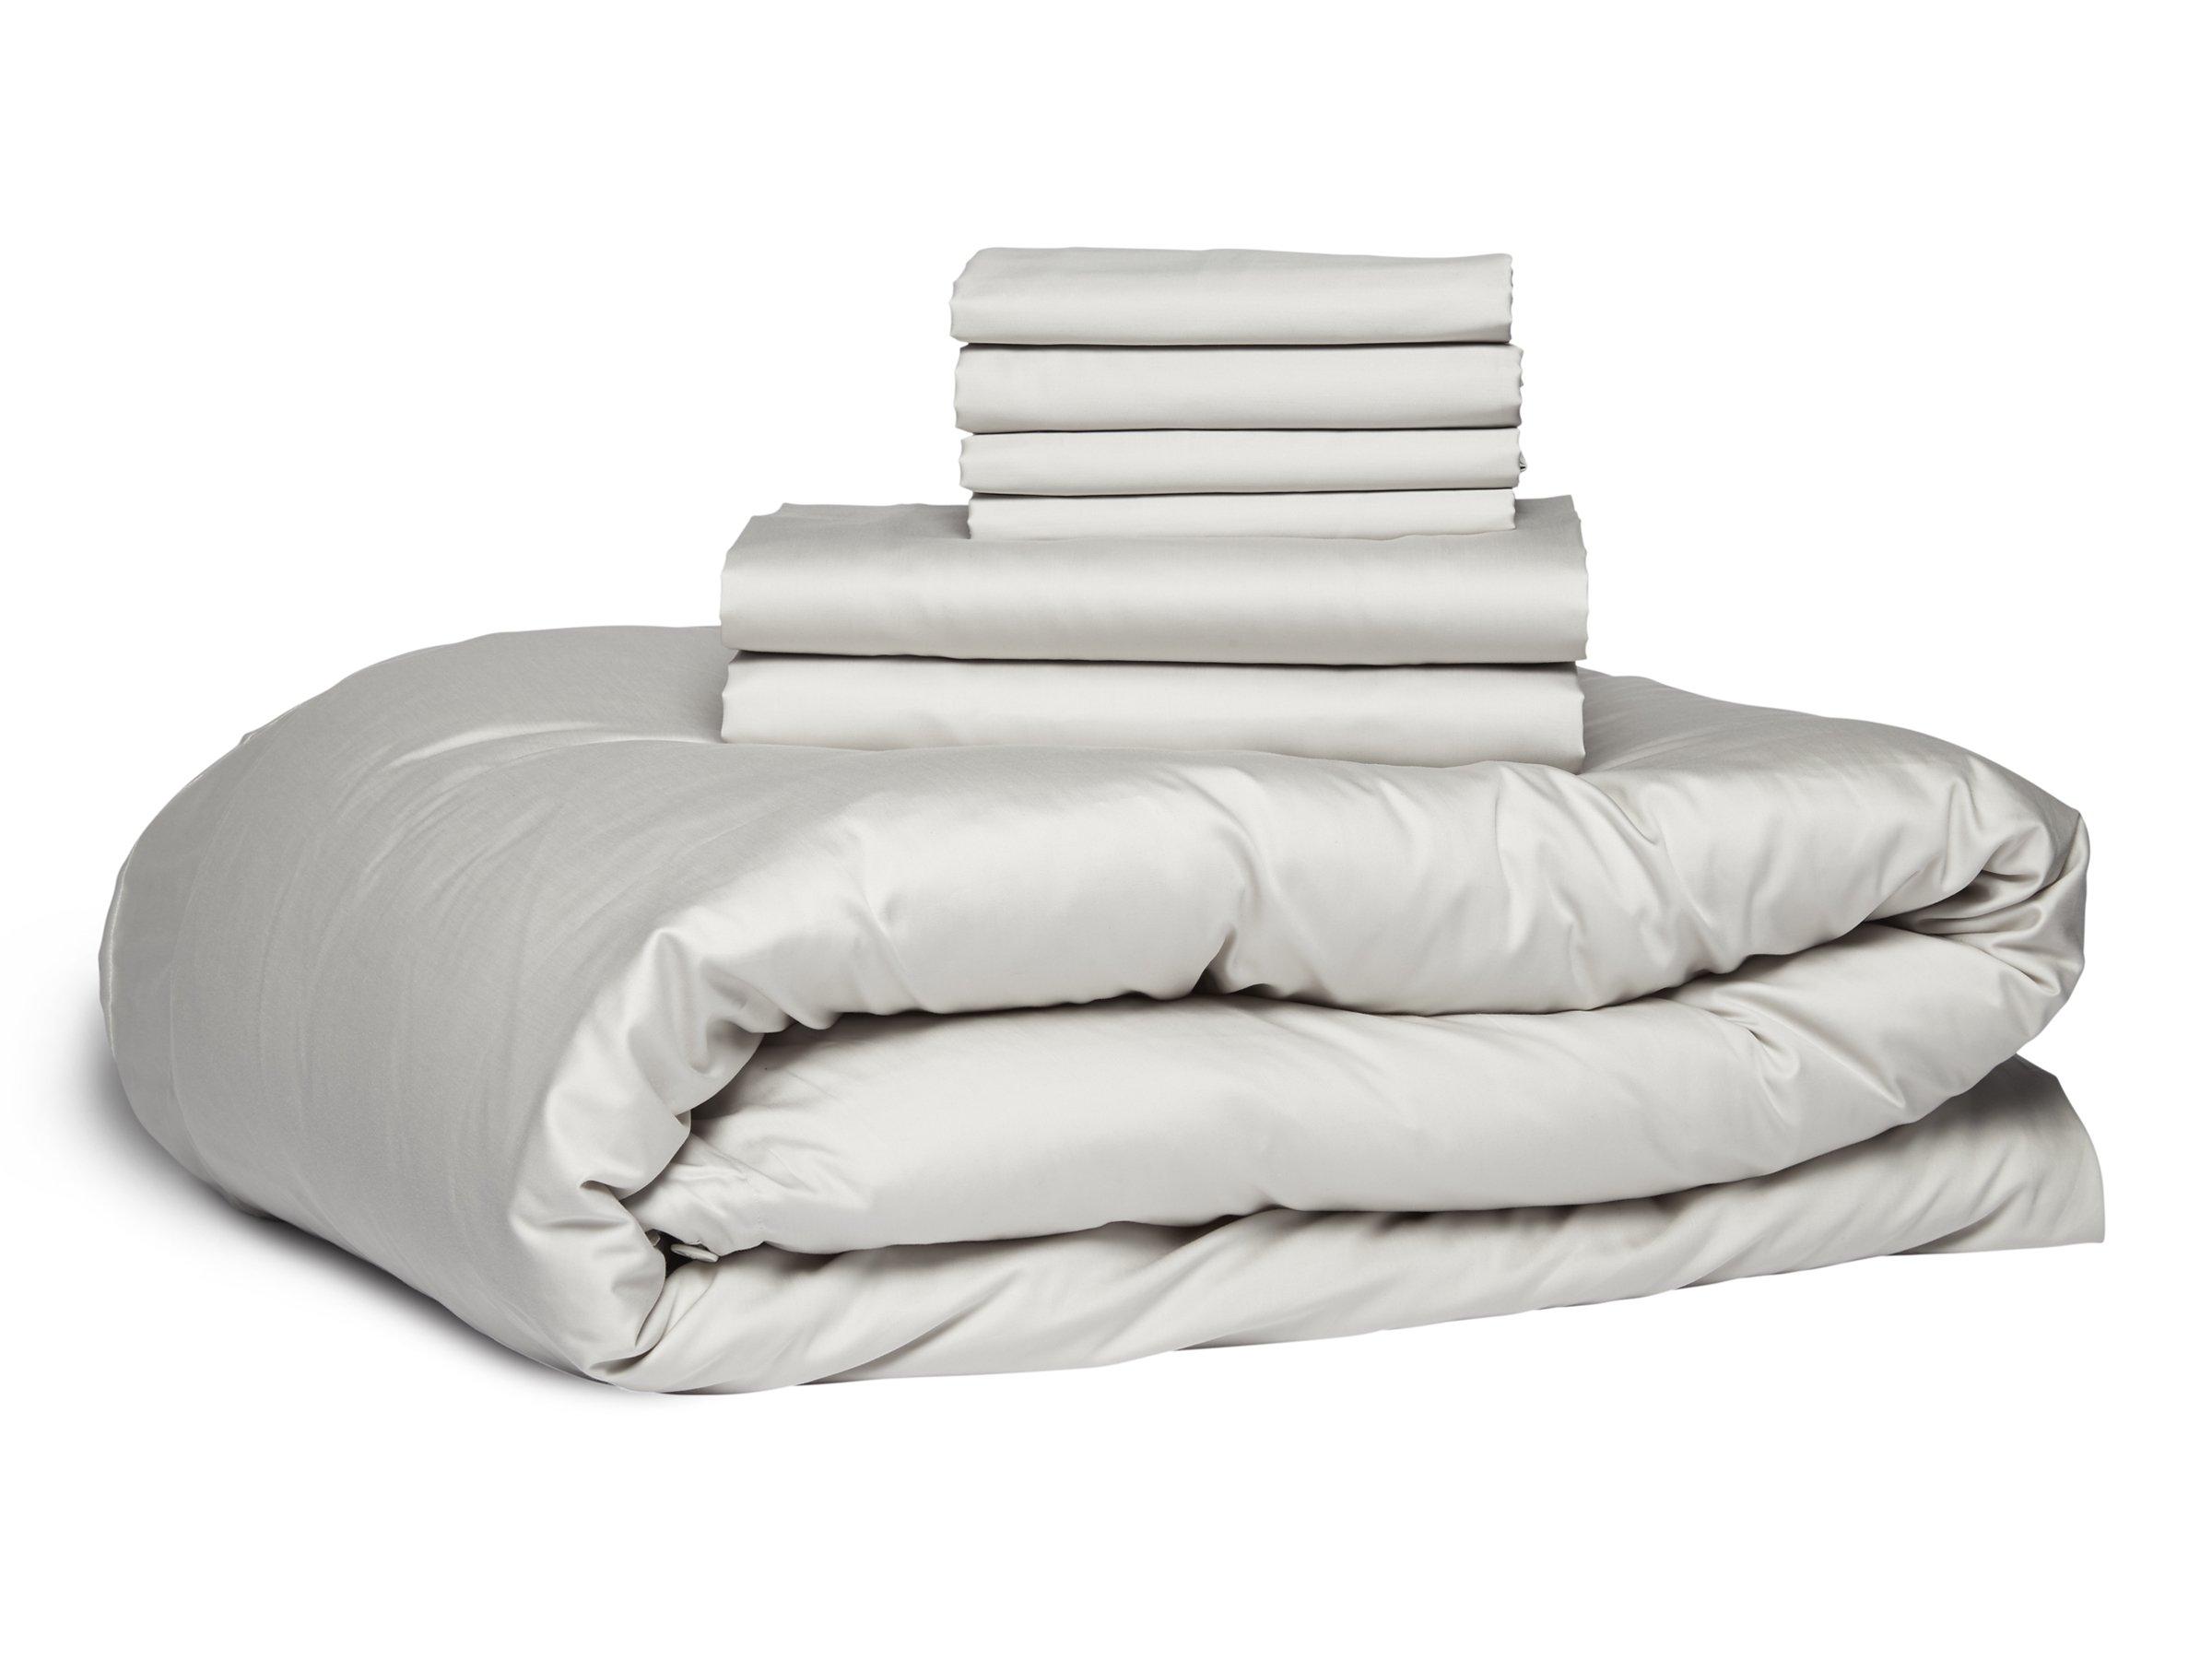 Sateen Double Up Bundle Soft Duvet Covers Linen Bedding